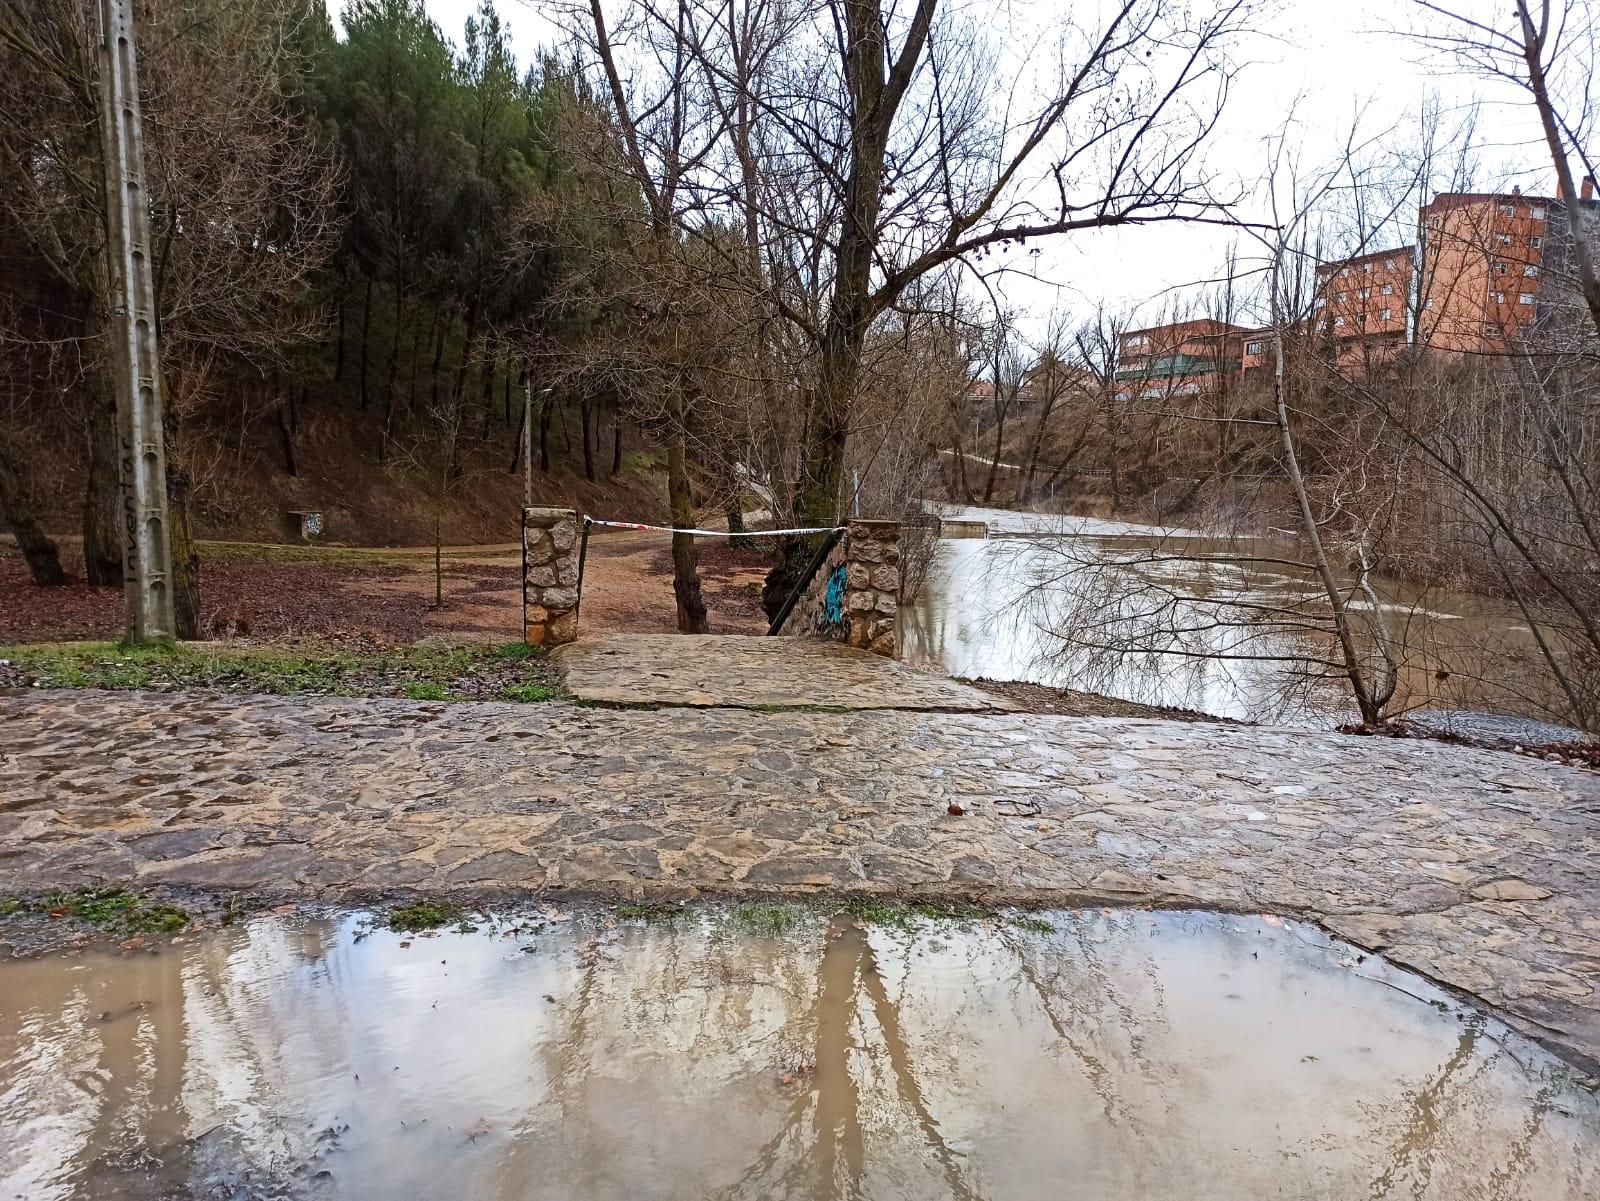 El Ayuntamiento cierra los accesos al paseo fluvial y pide a la ciudadanía que evite transitar por parques, jardines y zonas arboladas